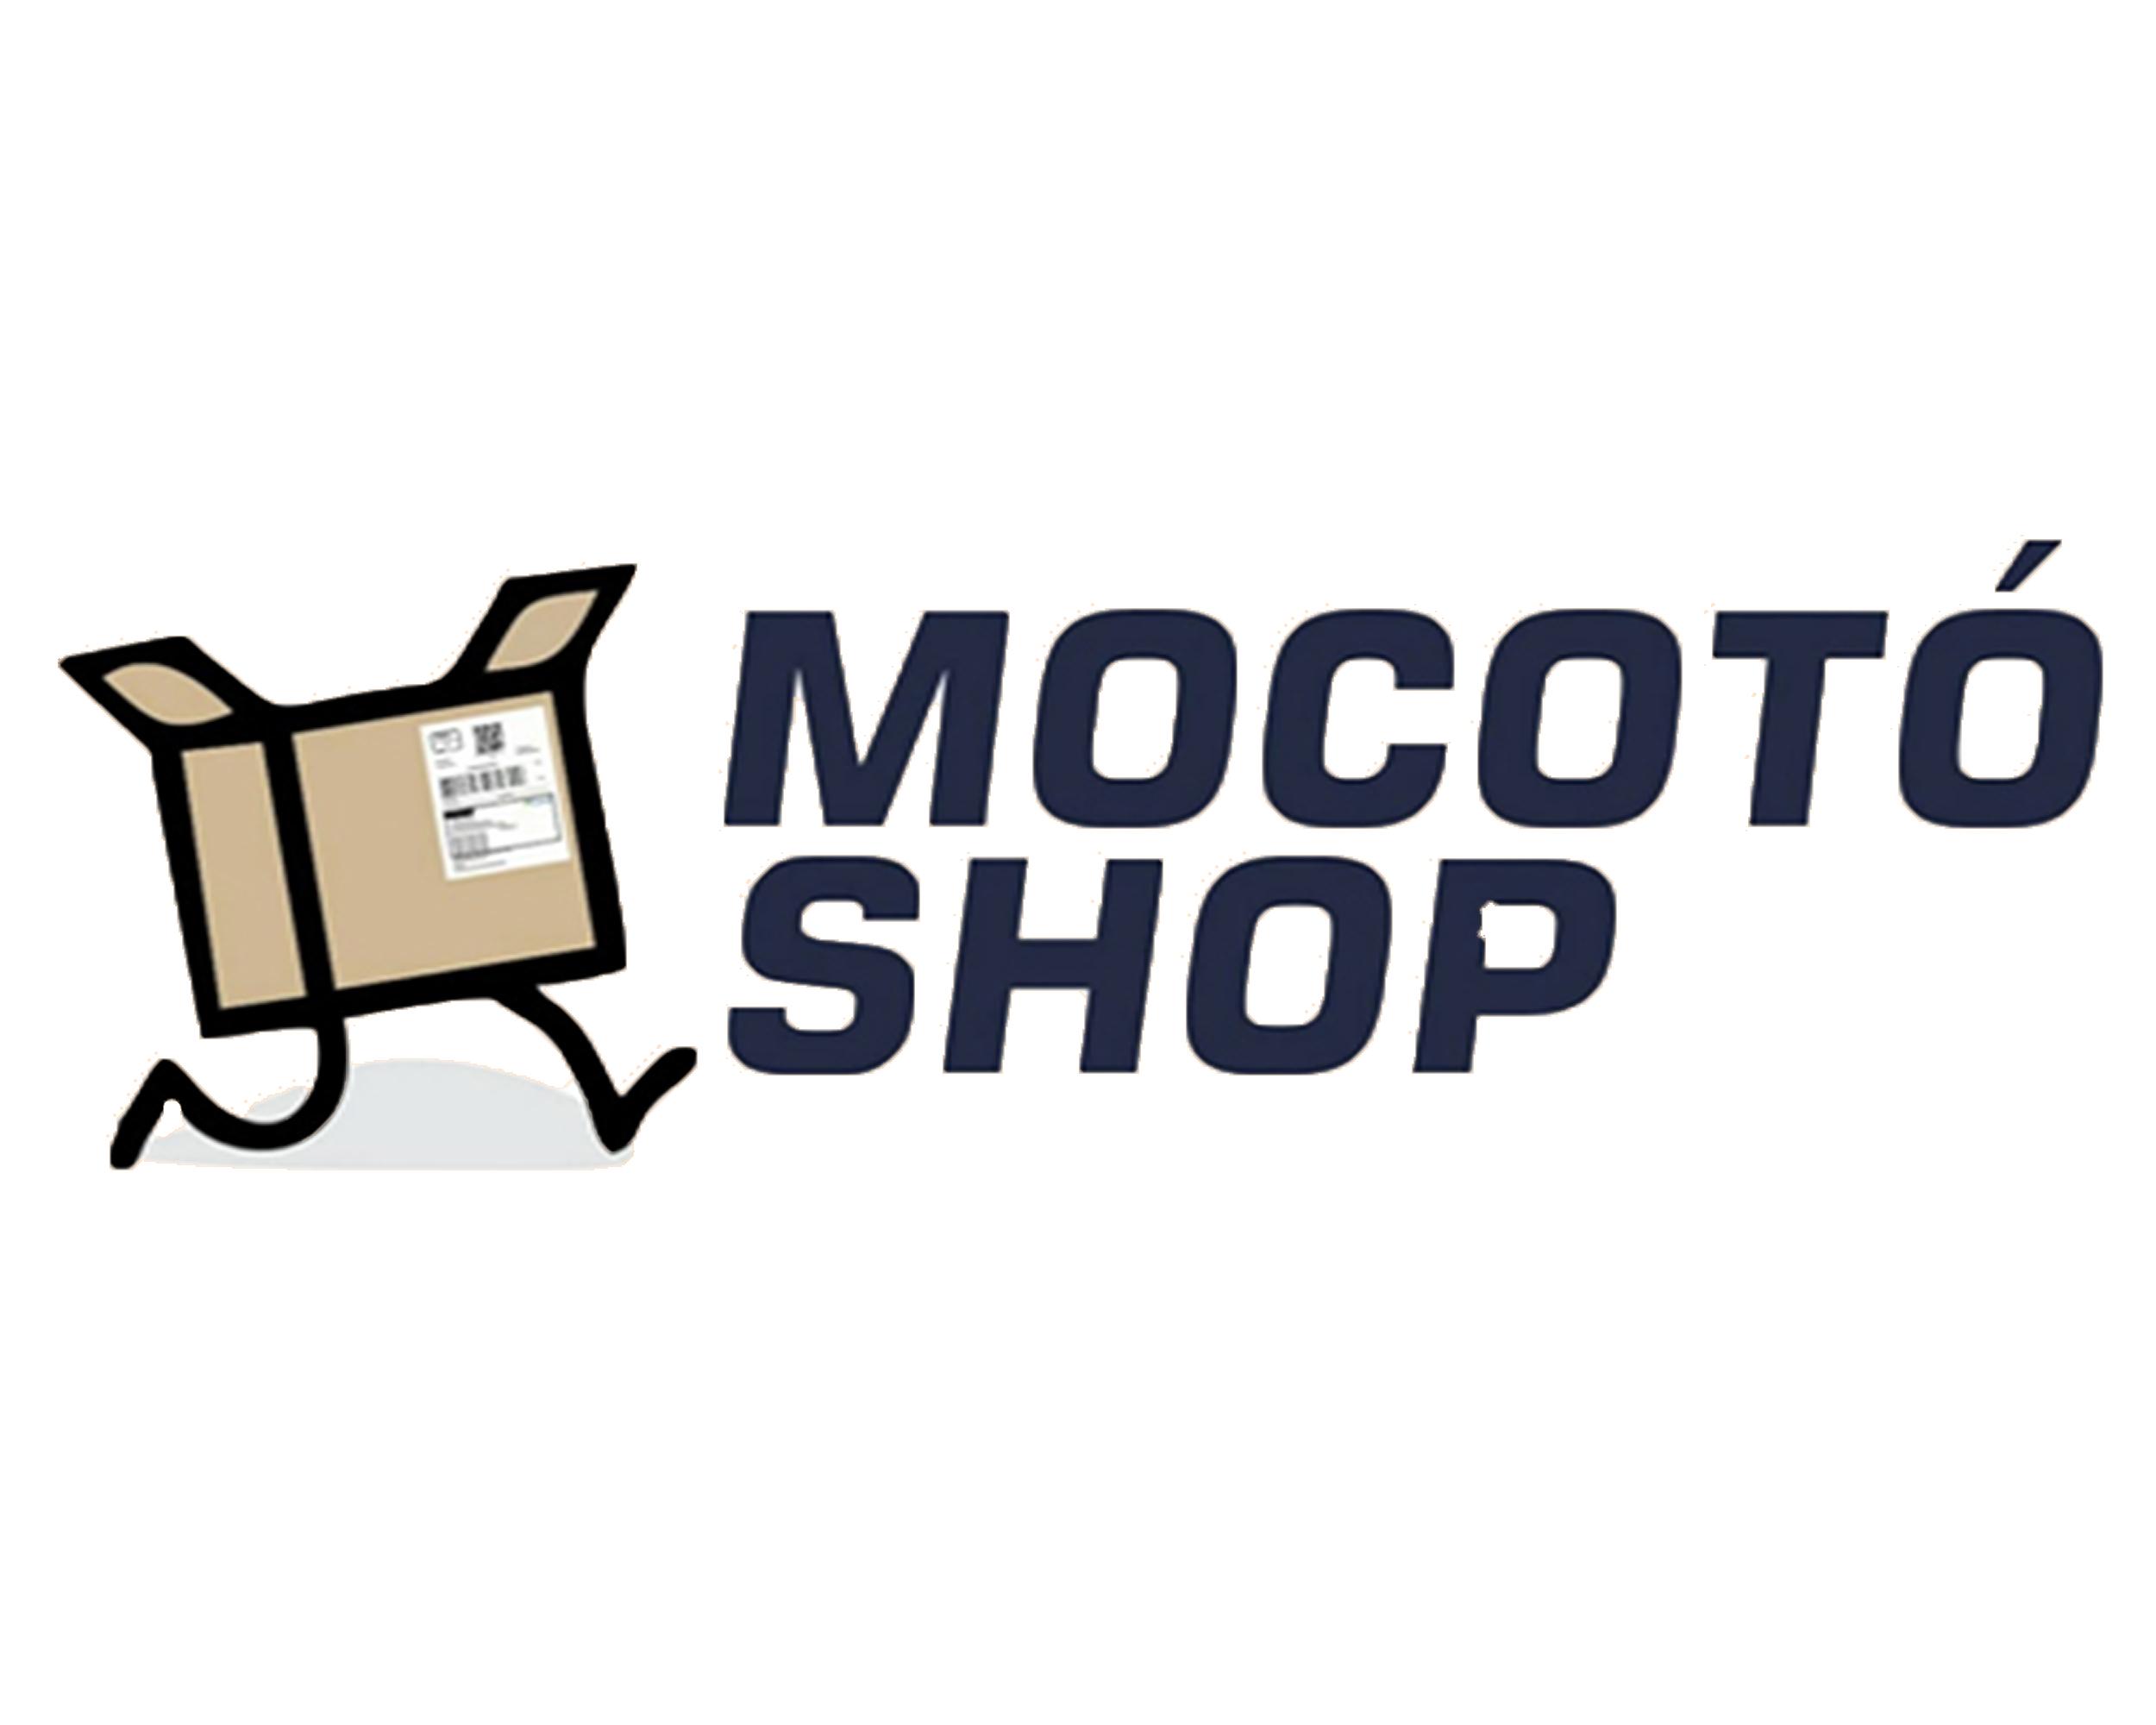 Mocotó Shop